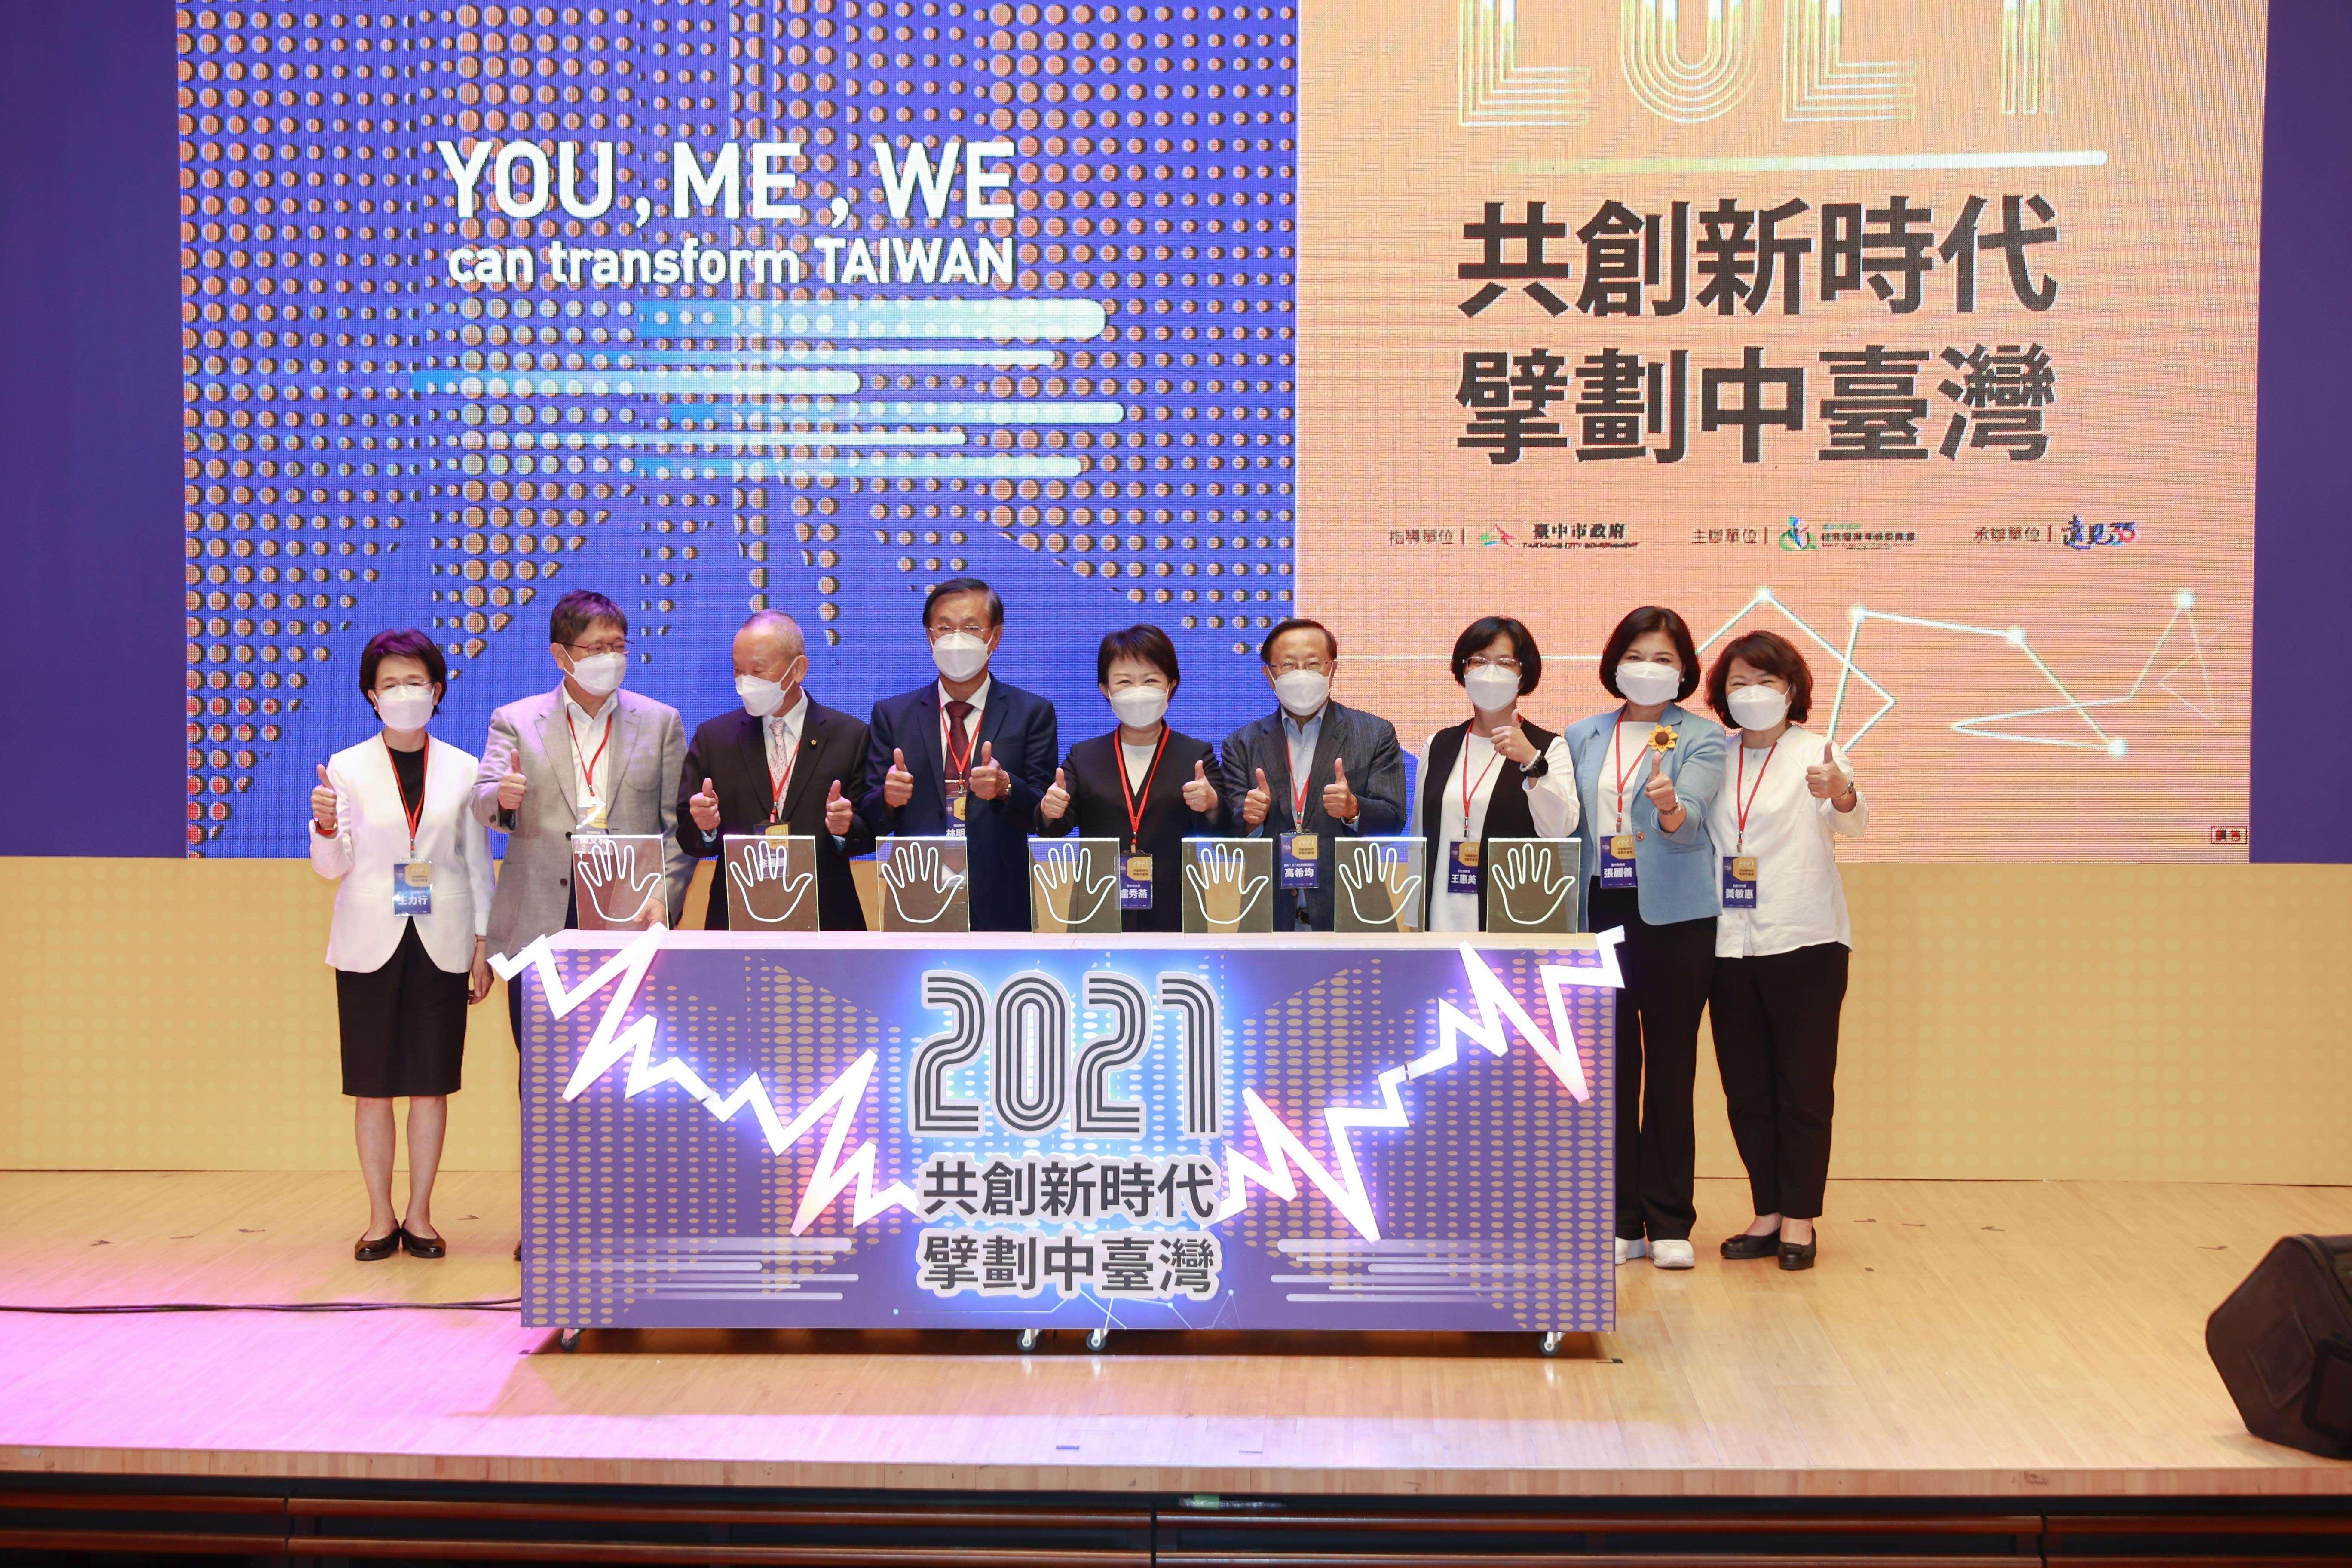 「共創新時代.擘劃中台灣」2021區域治理論壇,23日於台中市政府舉辦